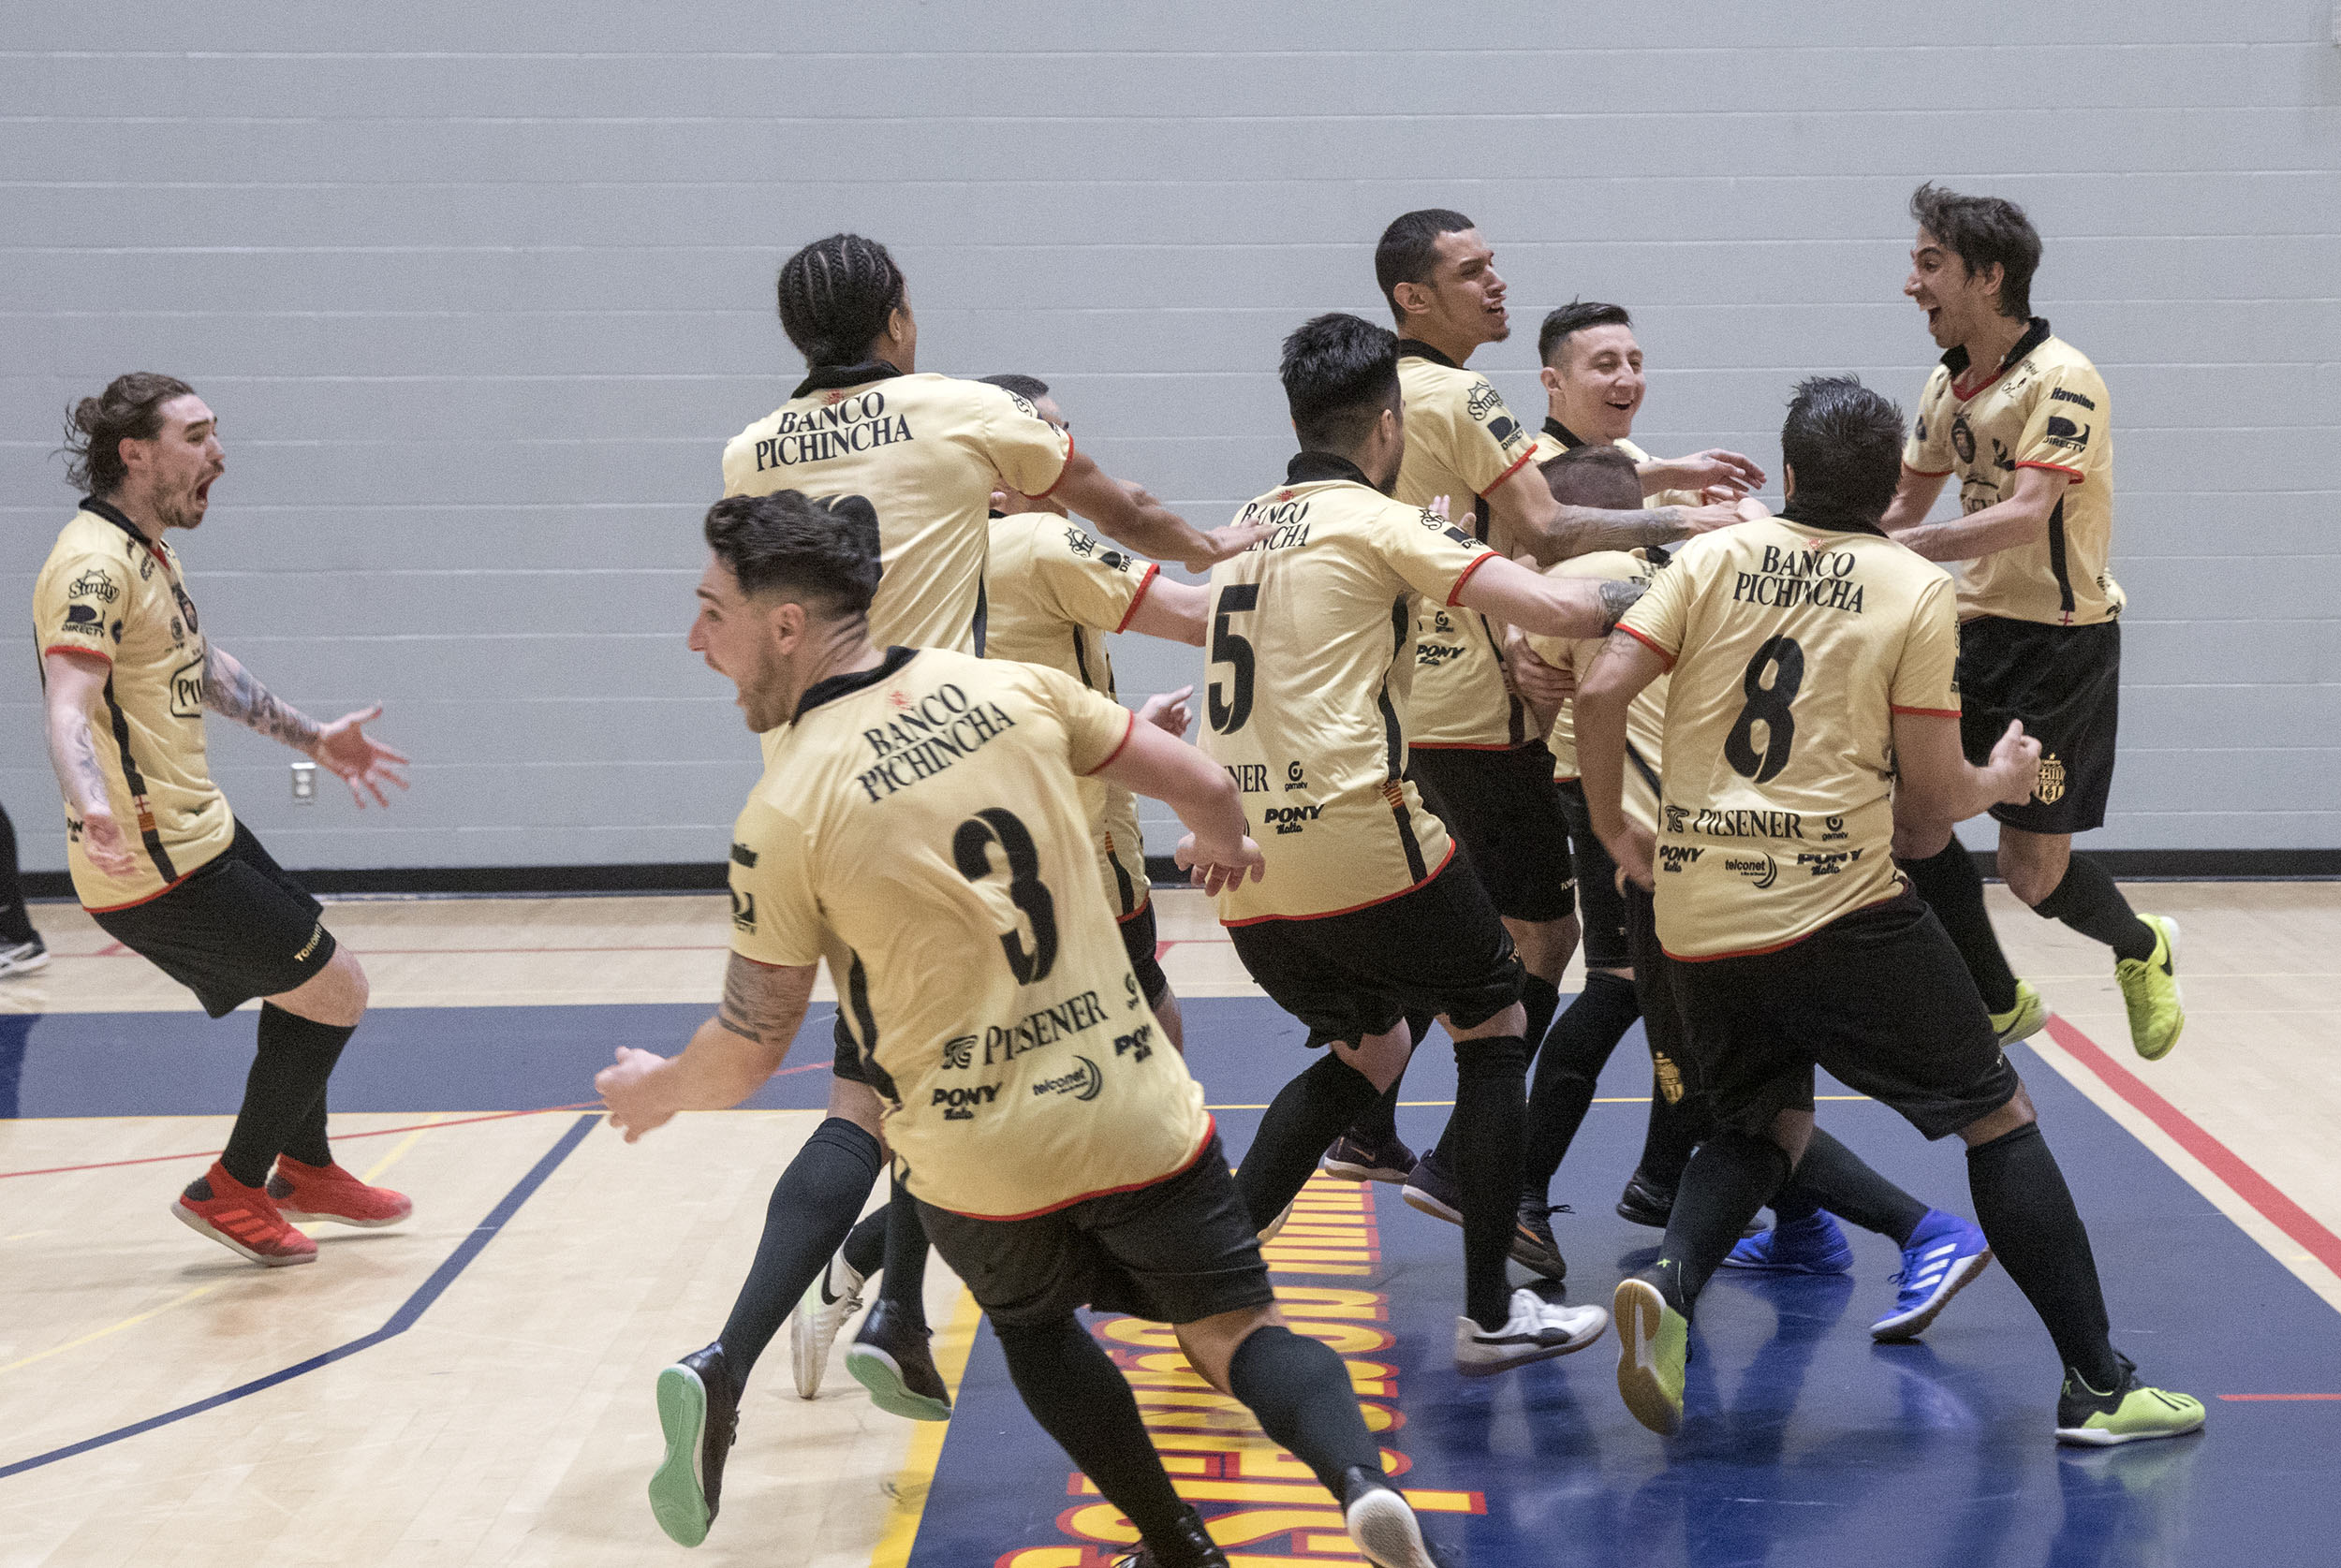 20190414_Futsal_byBreadner06